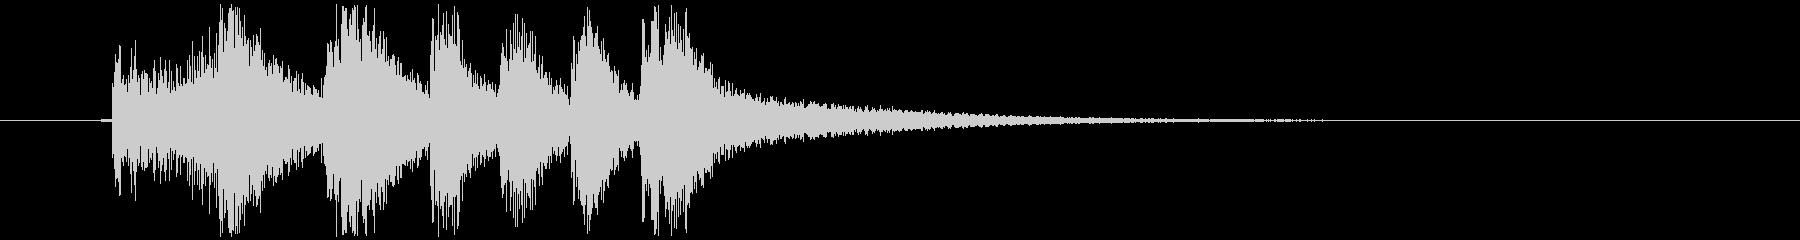 金管と弦楽のファンファーレの未再生の波形